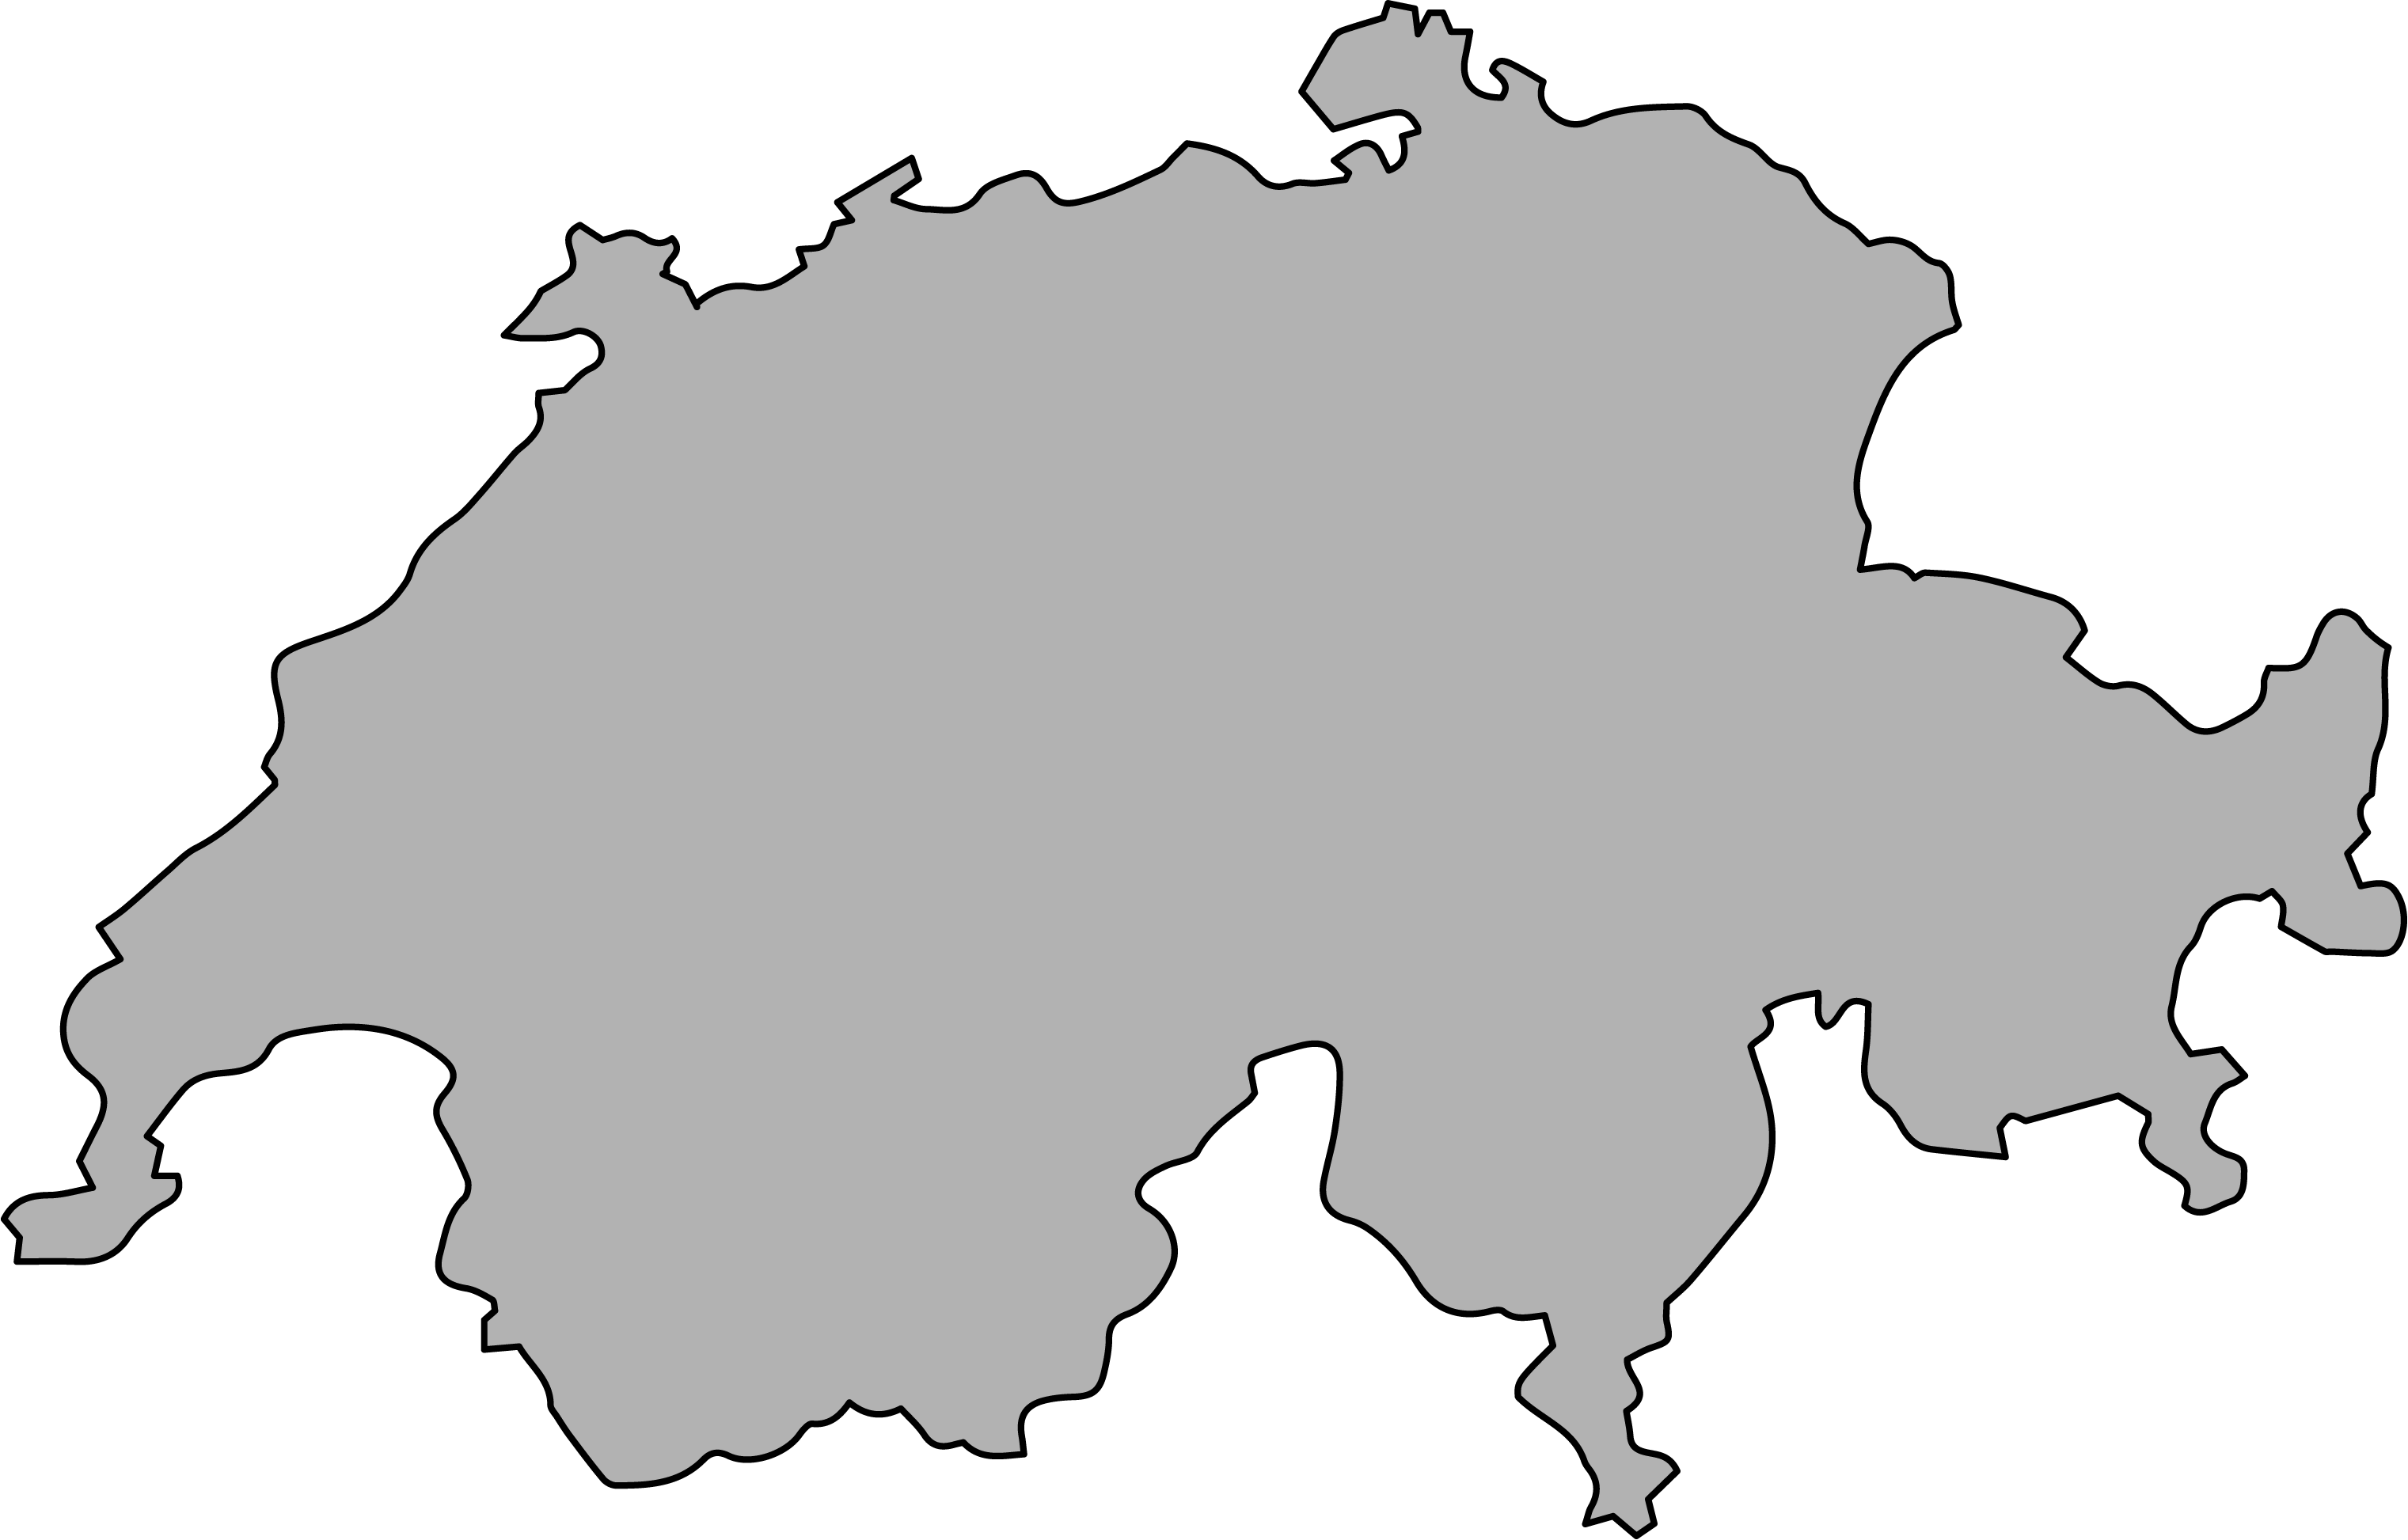 Switzerland borders image